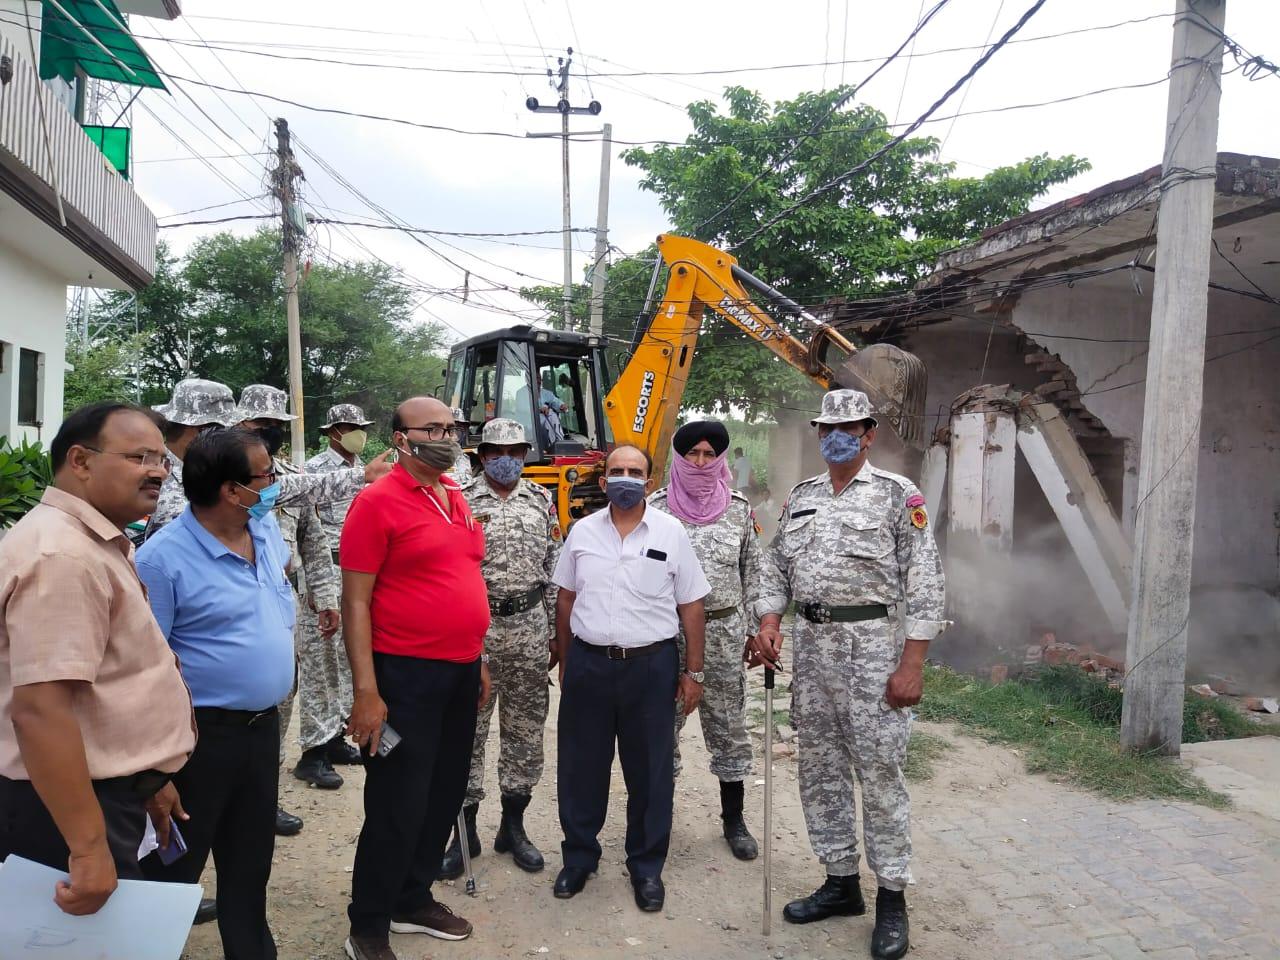 नगर निगम की करीब चार बीघा जमीन पर हो रही थी मकान बनाने की कोशिश, टीम ने अतिक्रमण किया ध्वस्त|बरेली,Bareilly - Dainik Bhaskar